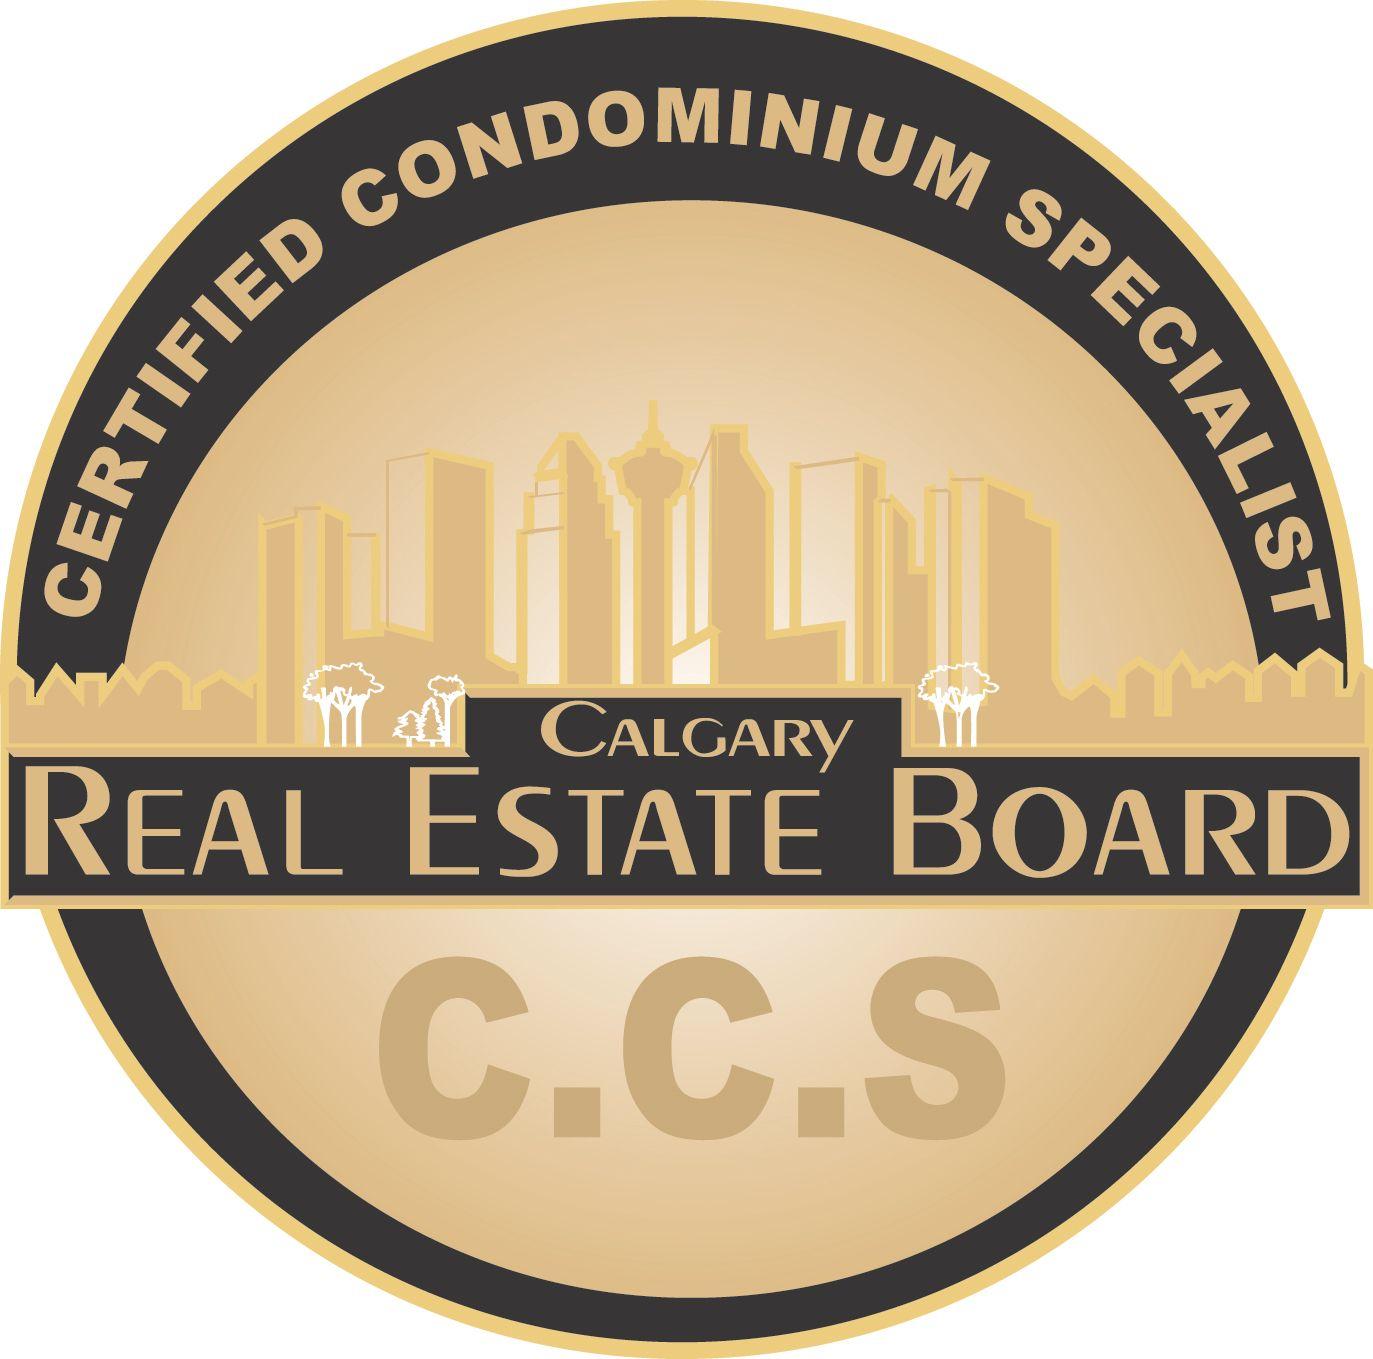 Certified Condominium Specialist in Calgary, Alberta Real Estate